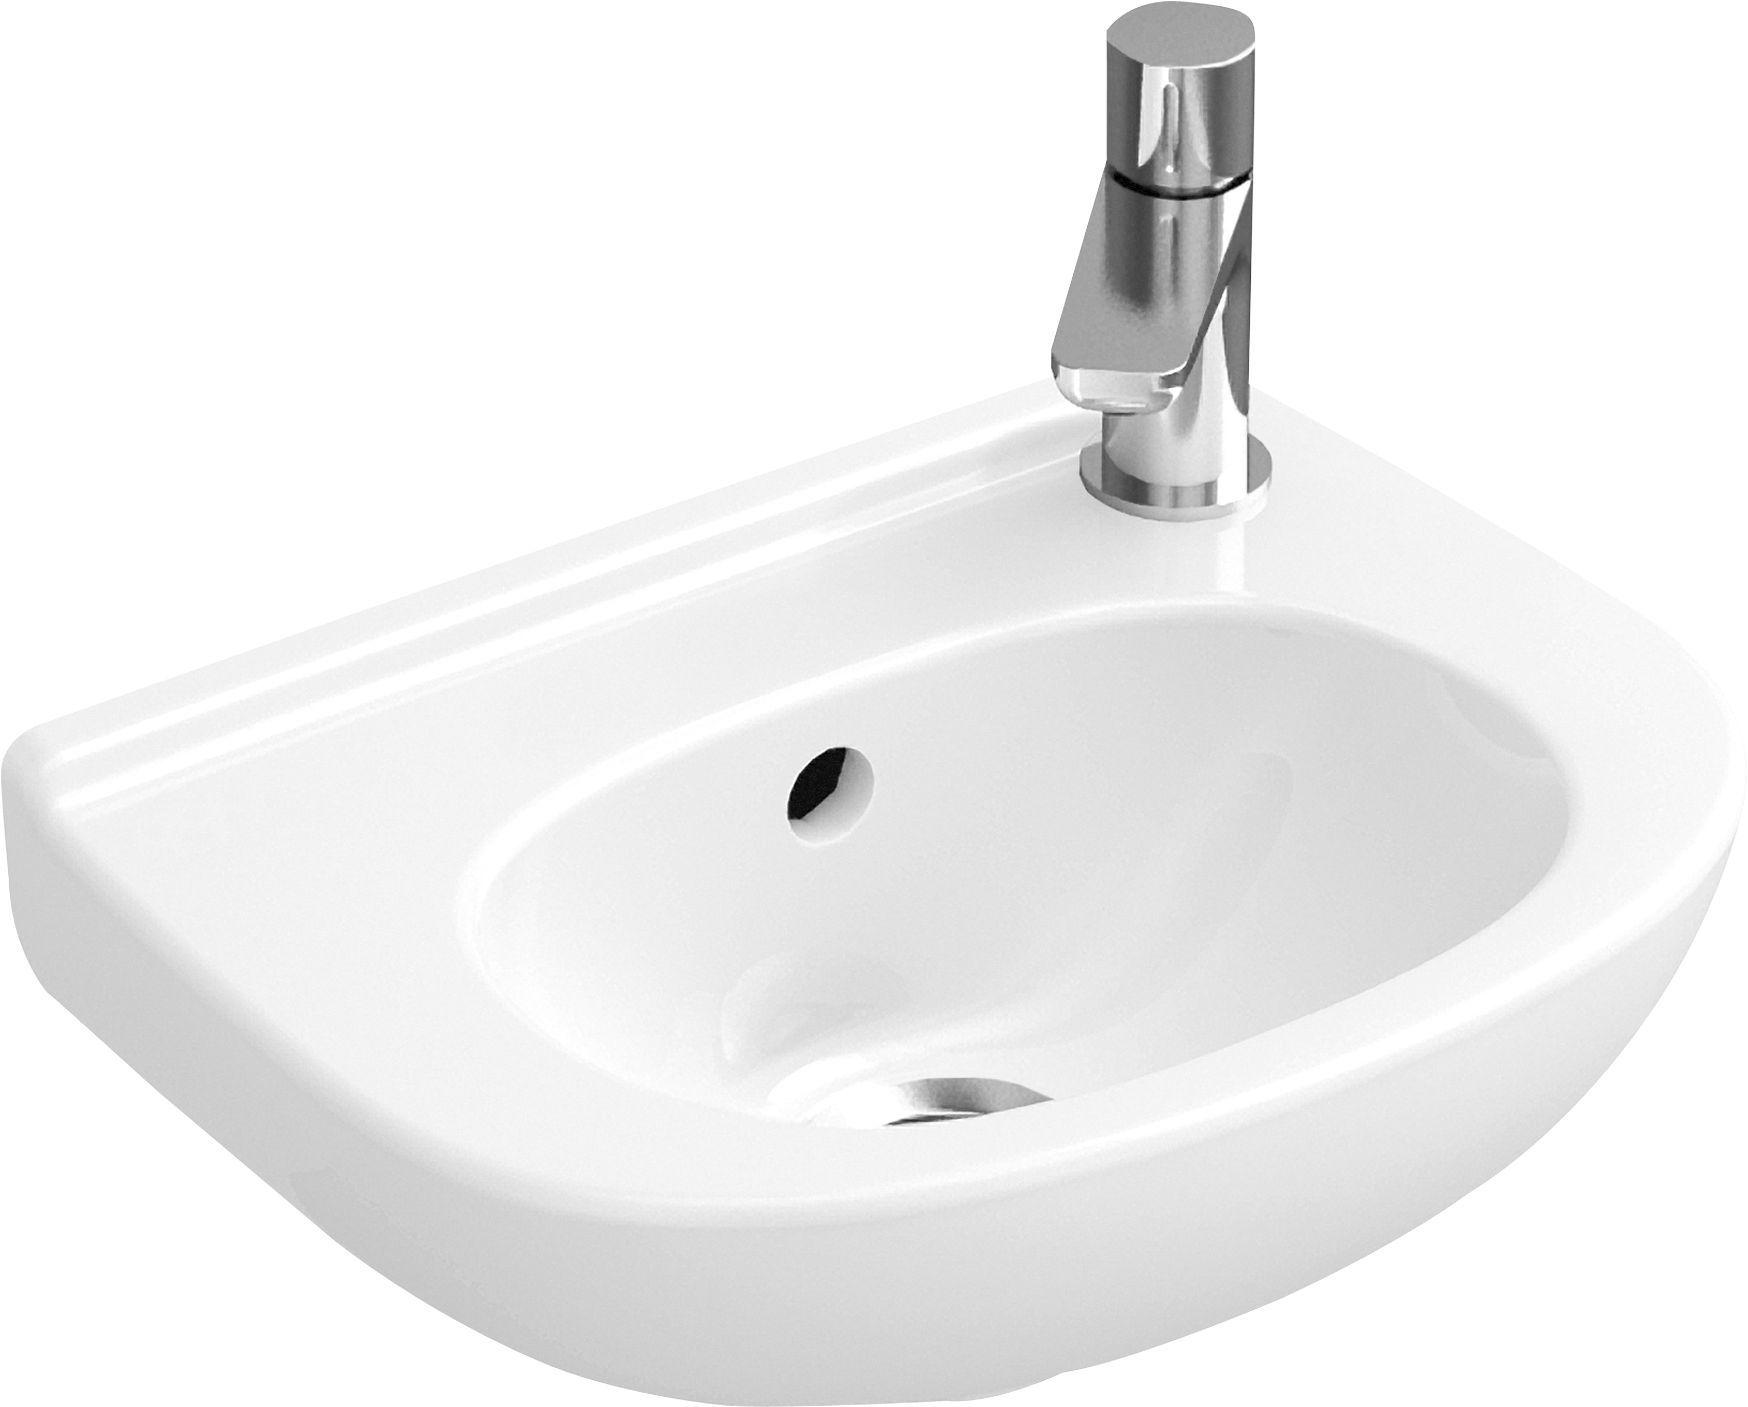 Villeroy & Boch O.Novo Compact Handwaschbecken B:36xT:27,5cm Hahnloch rechts mit Überlauf weiß mit CeramicPlus 536038R1